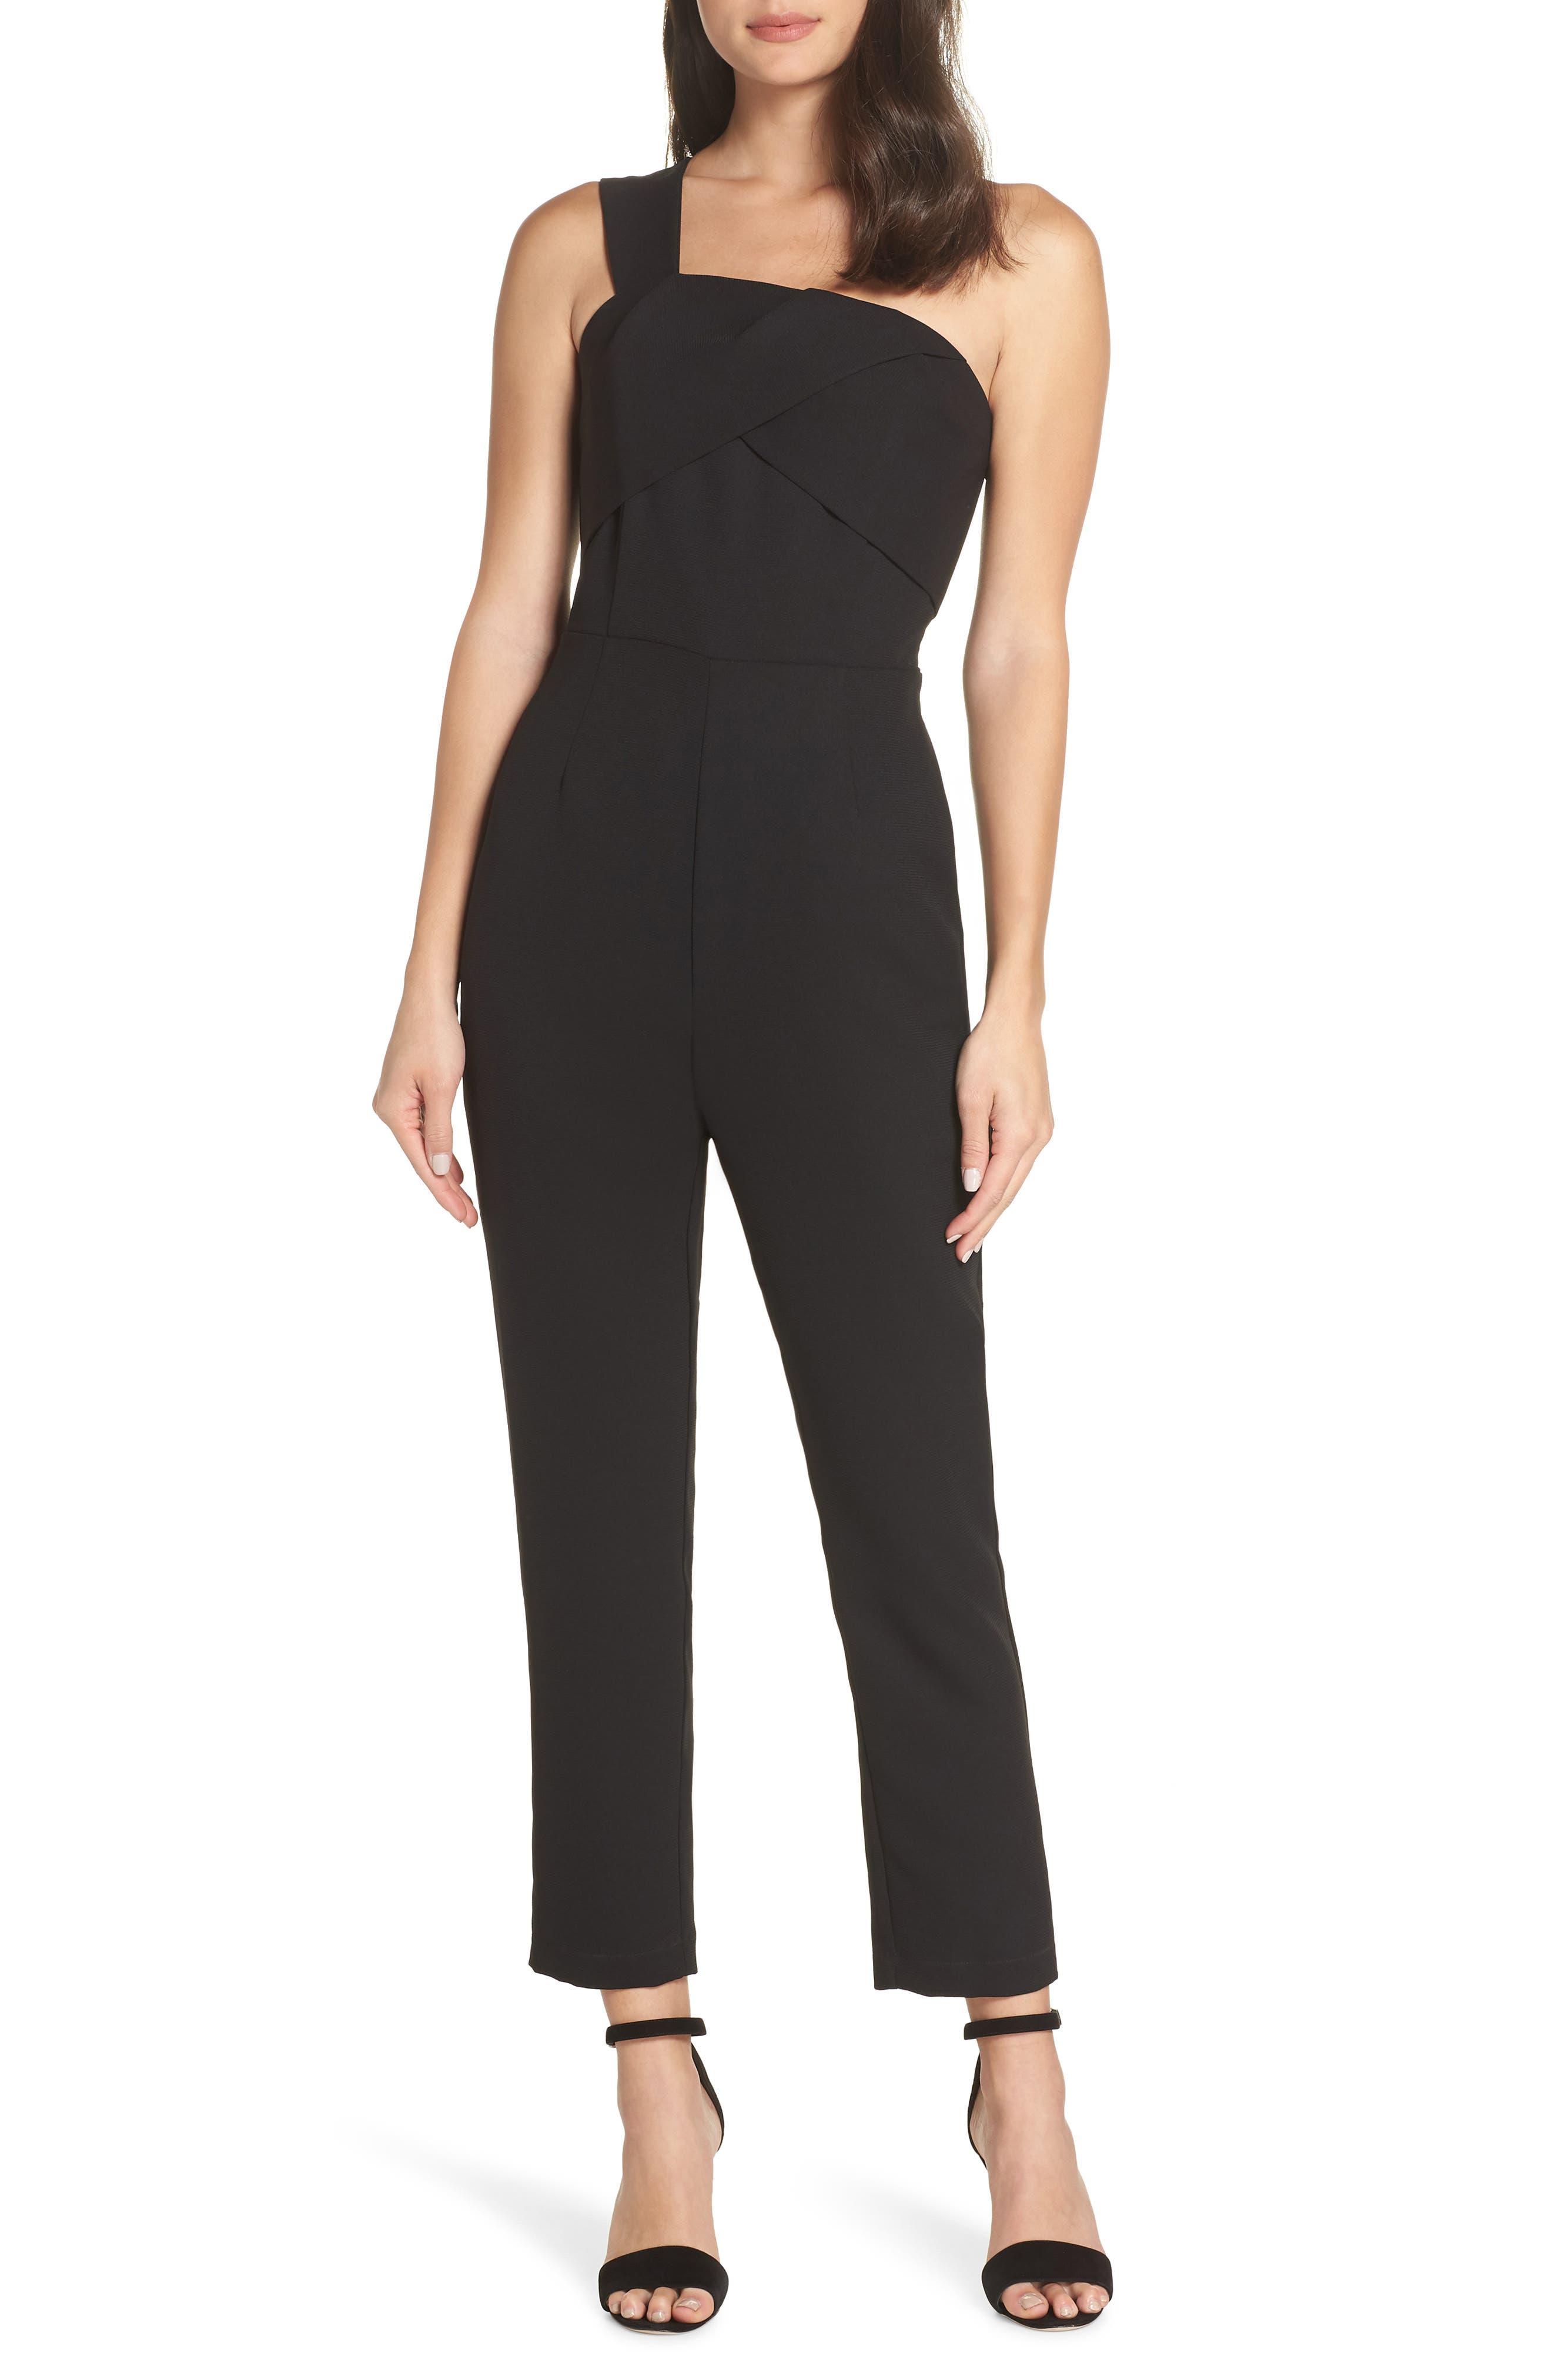 ADELYN RAE Adria One-Shoulder Jumpsuit in Black